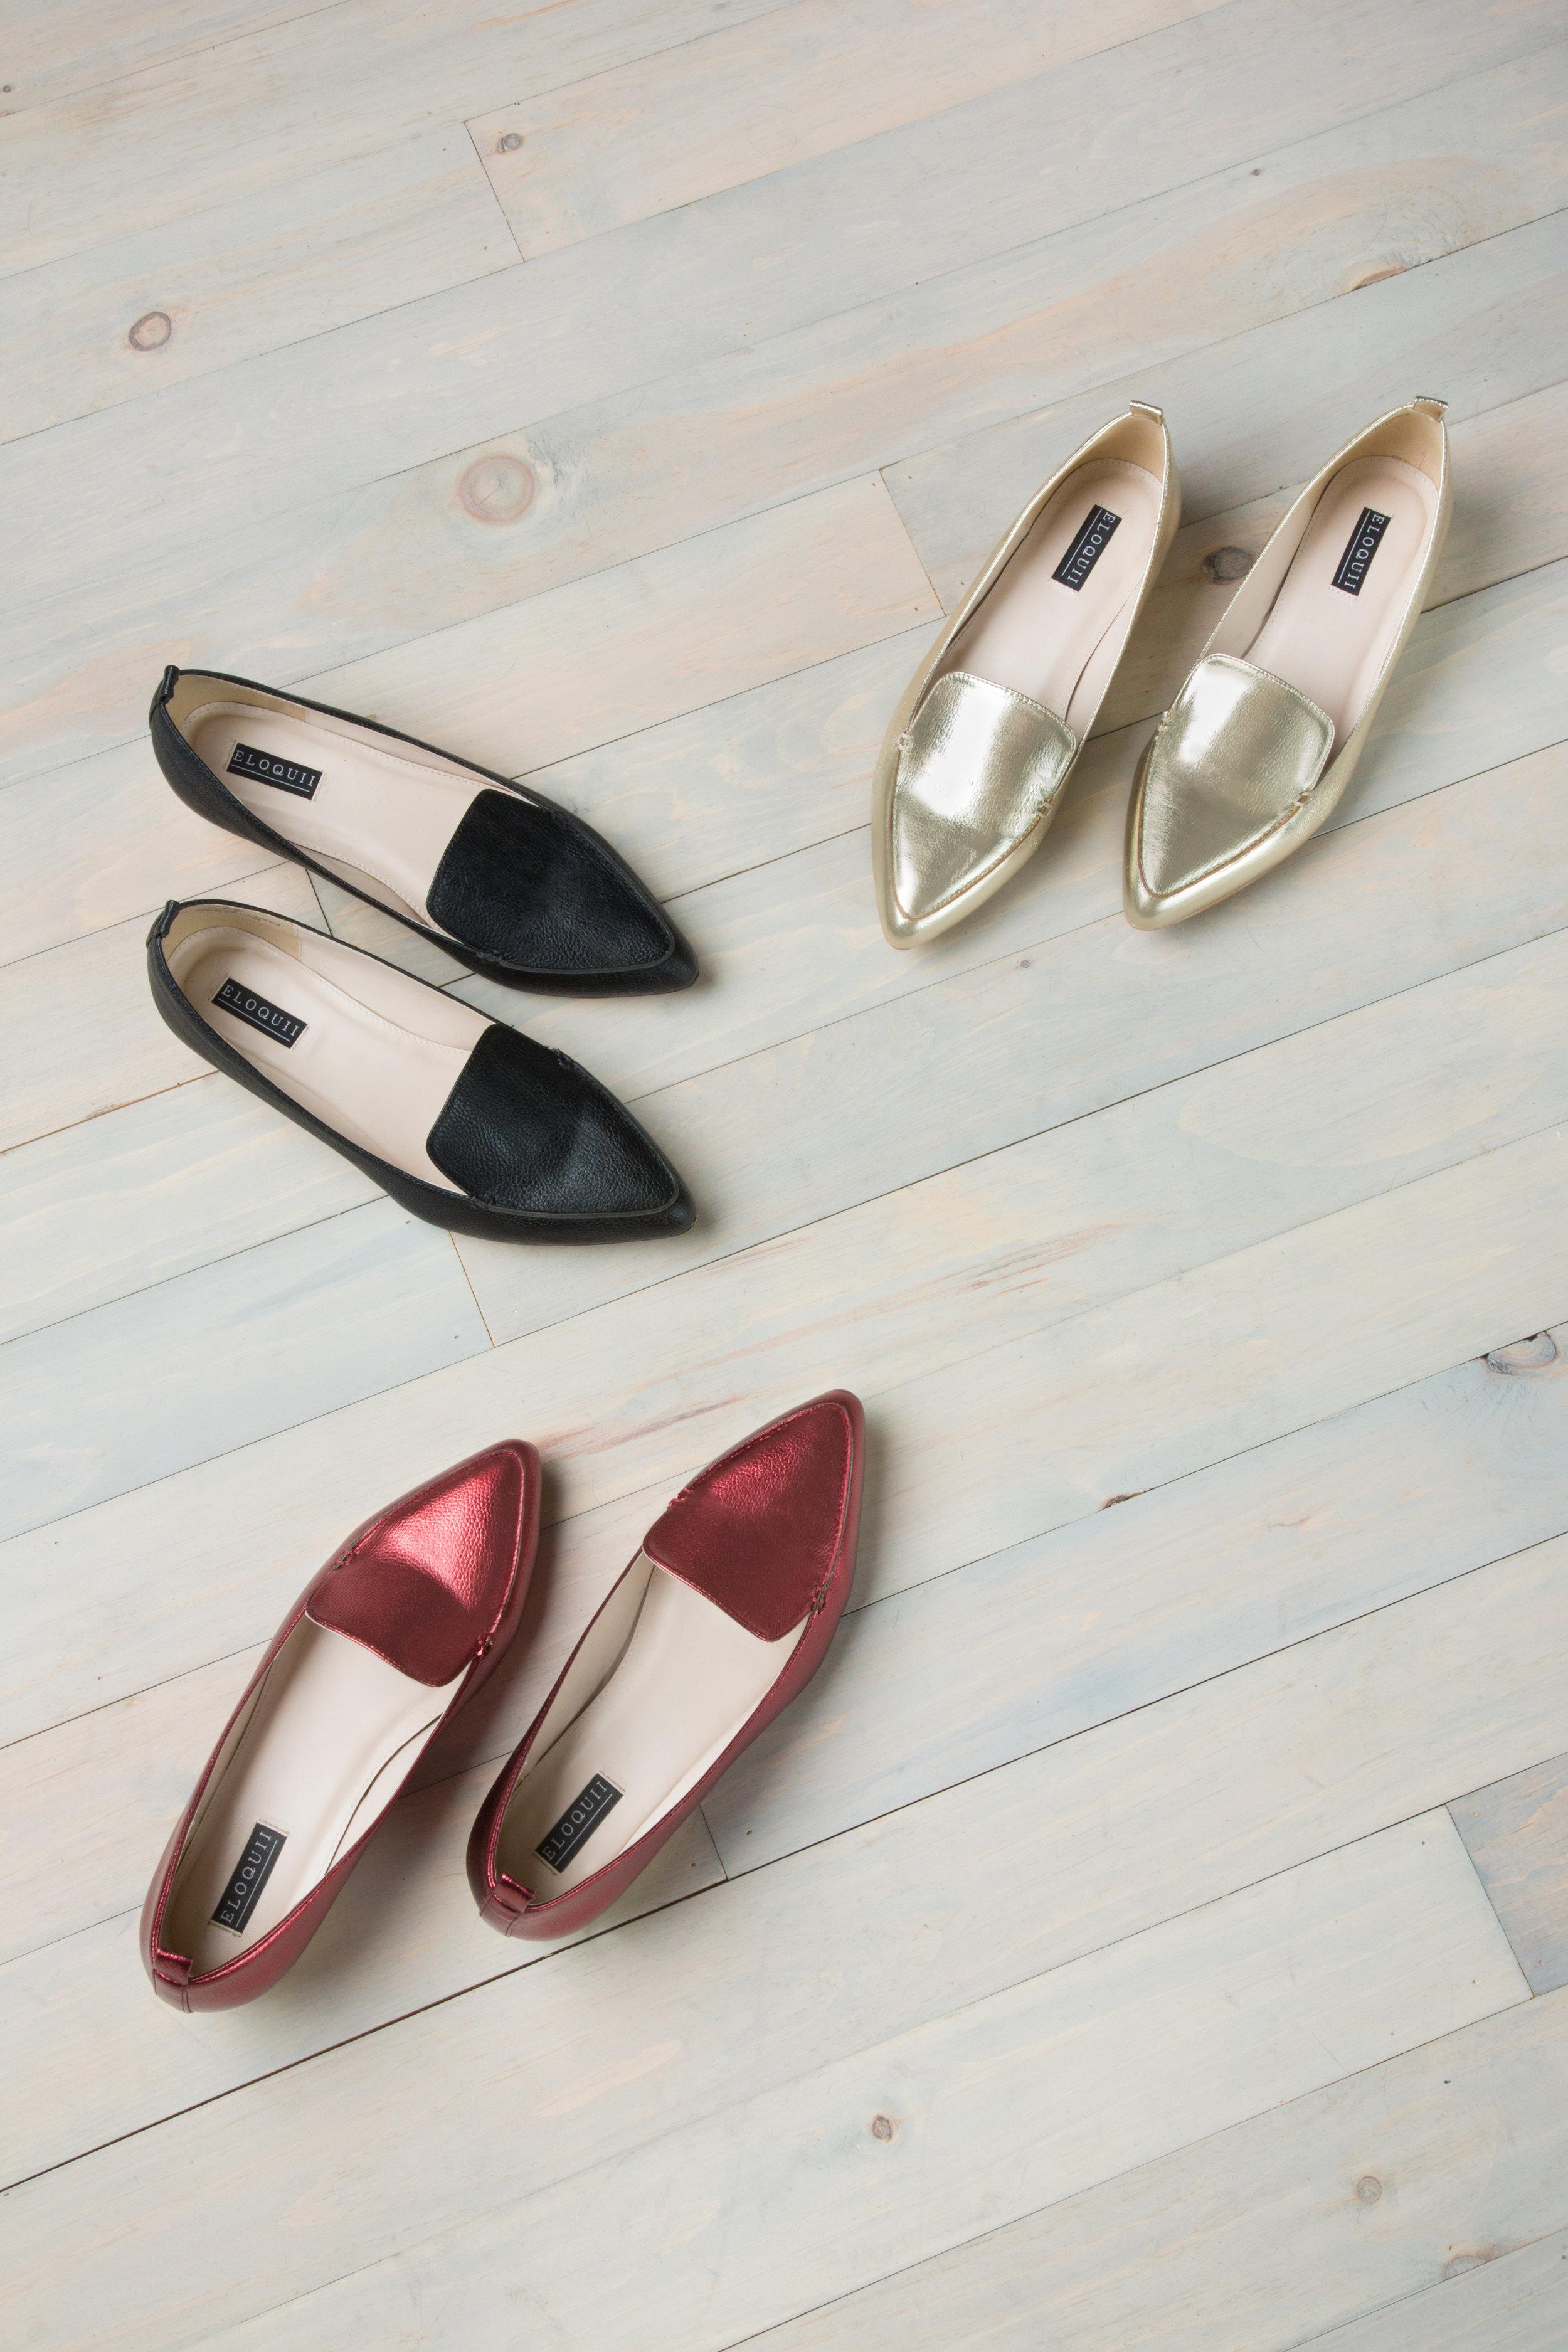 Flatsshoes_011